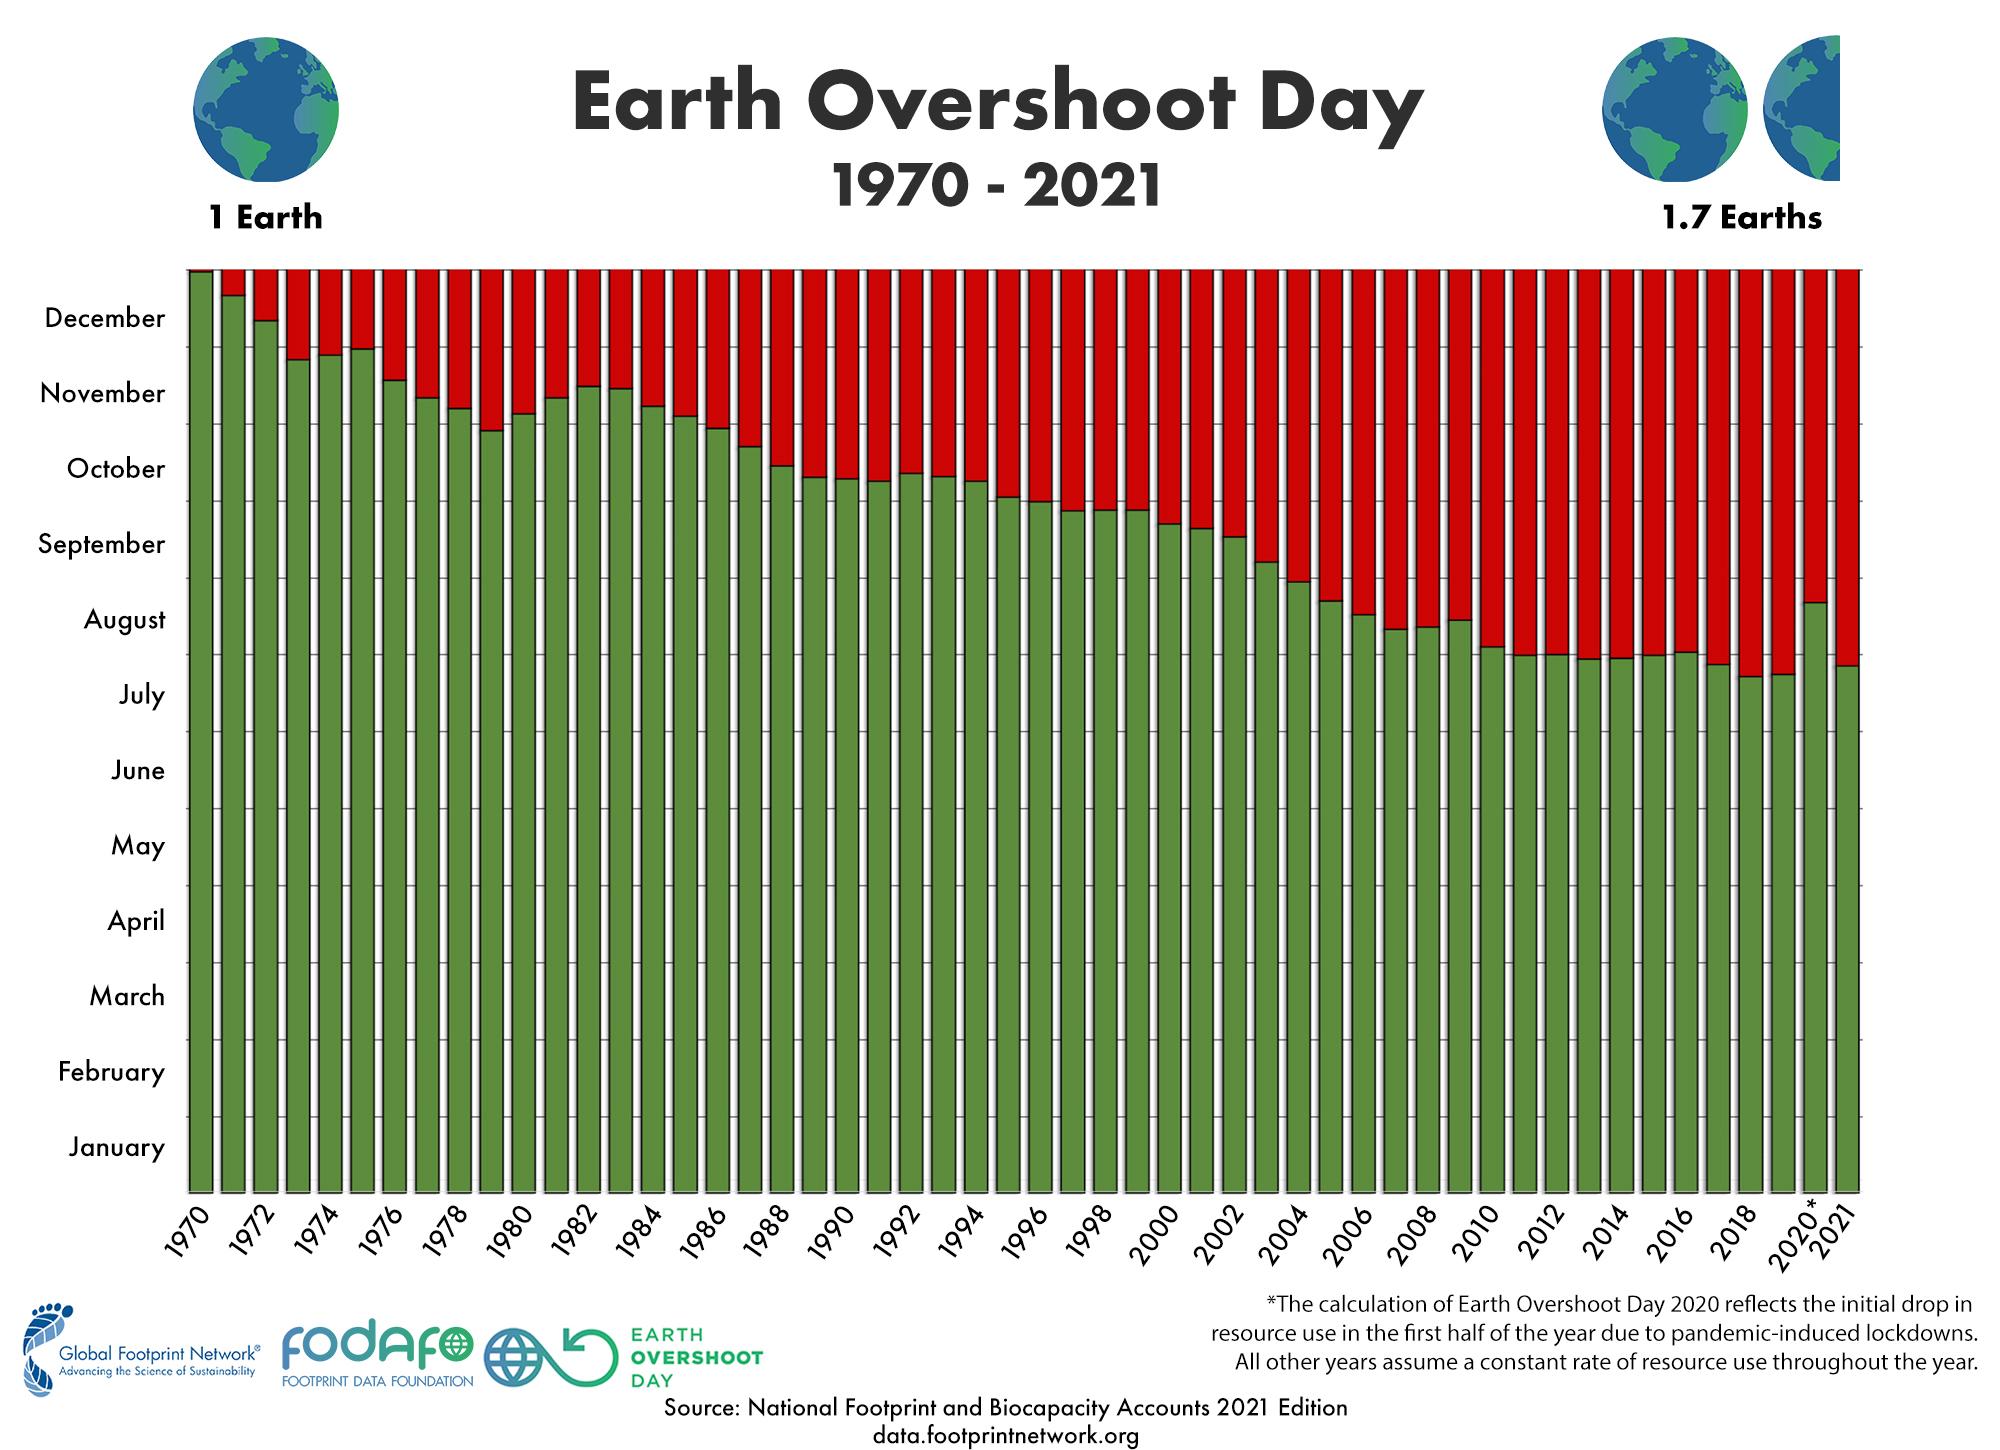 Eart Overshoot Day 1970 - 2021